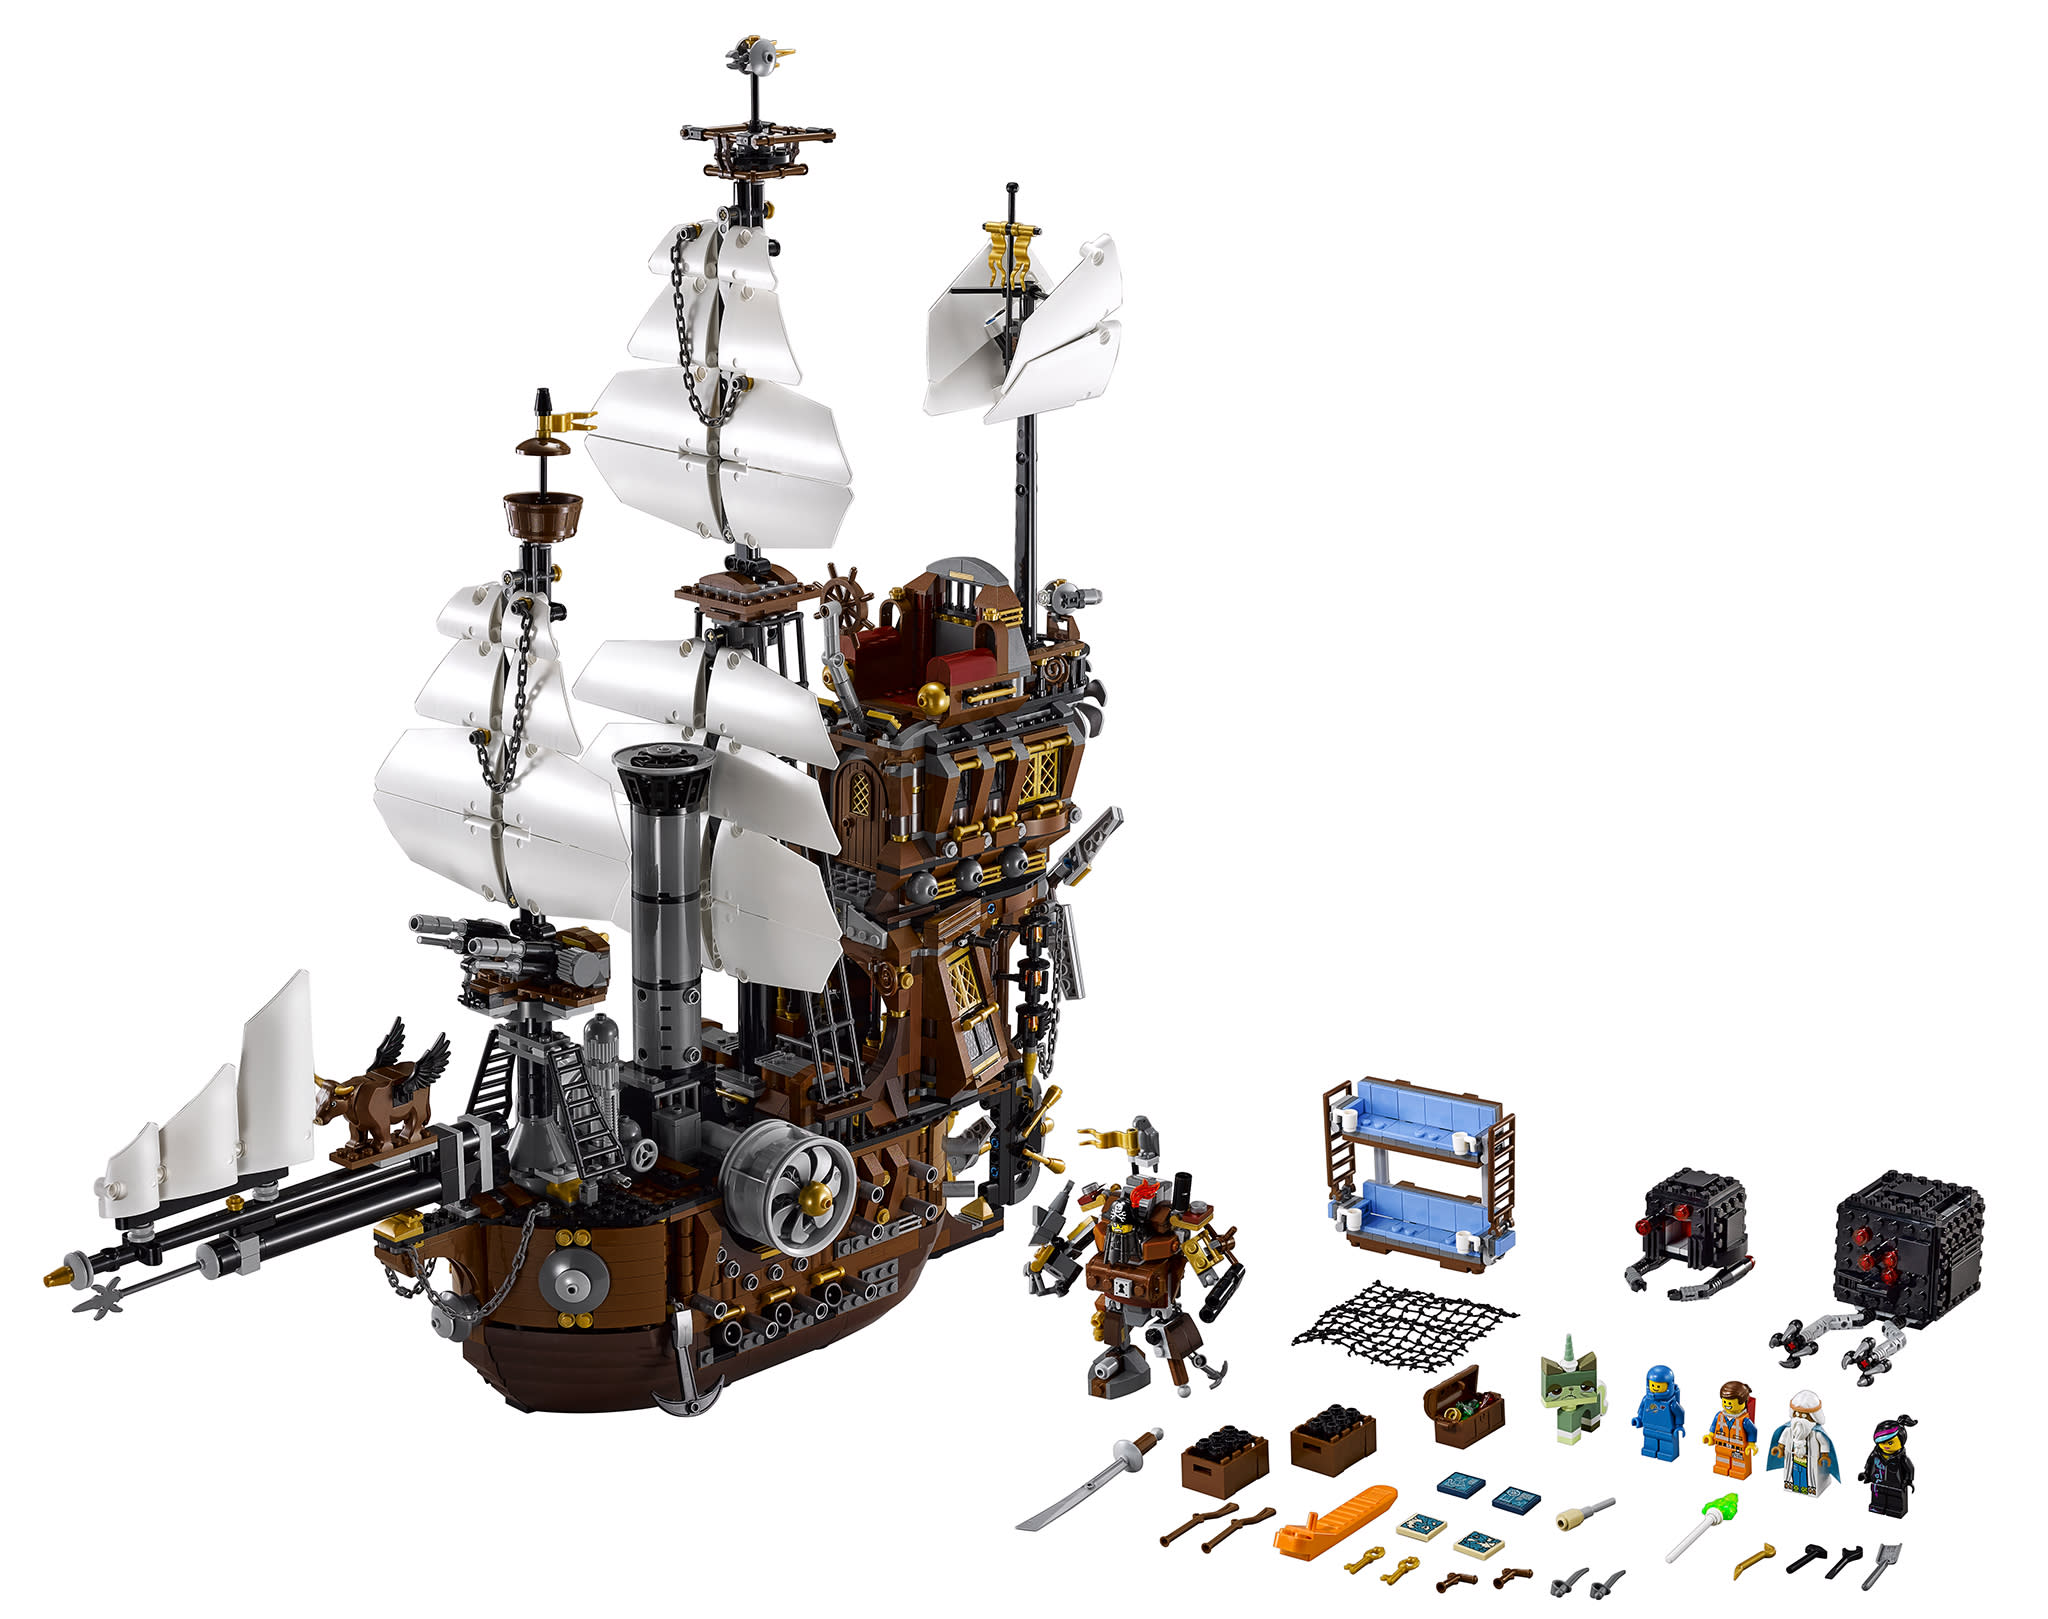 lego movie lego sets -